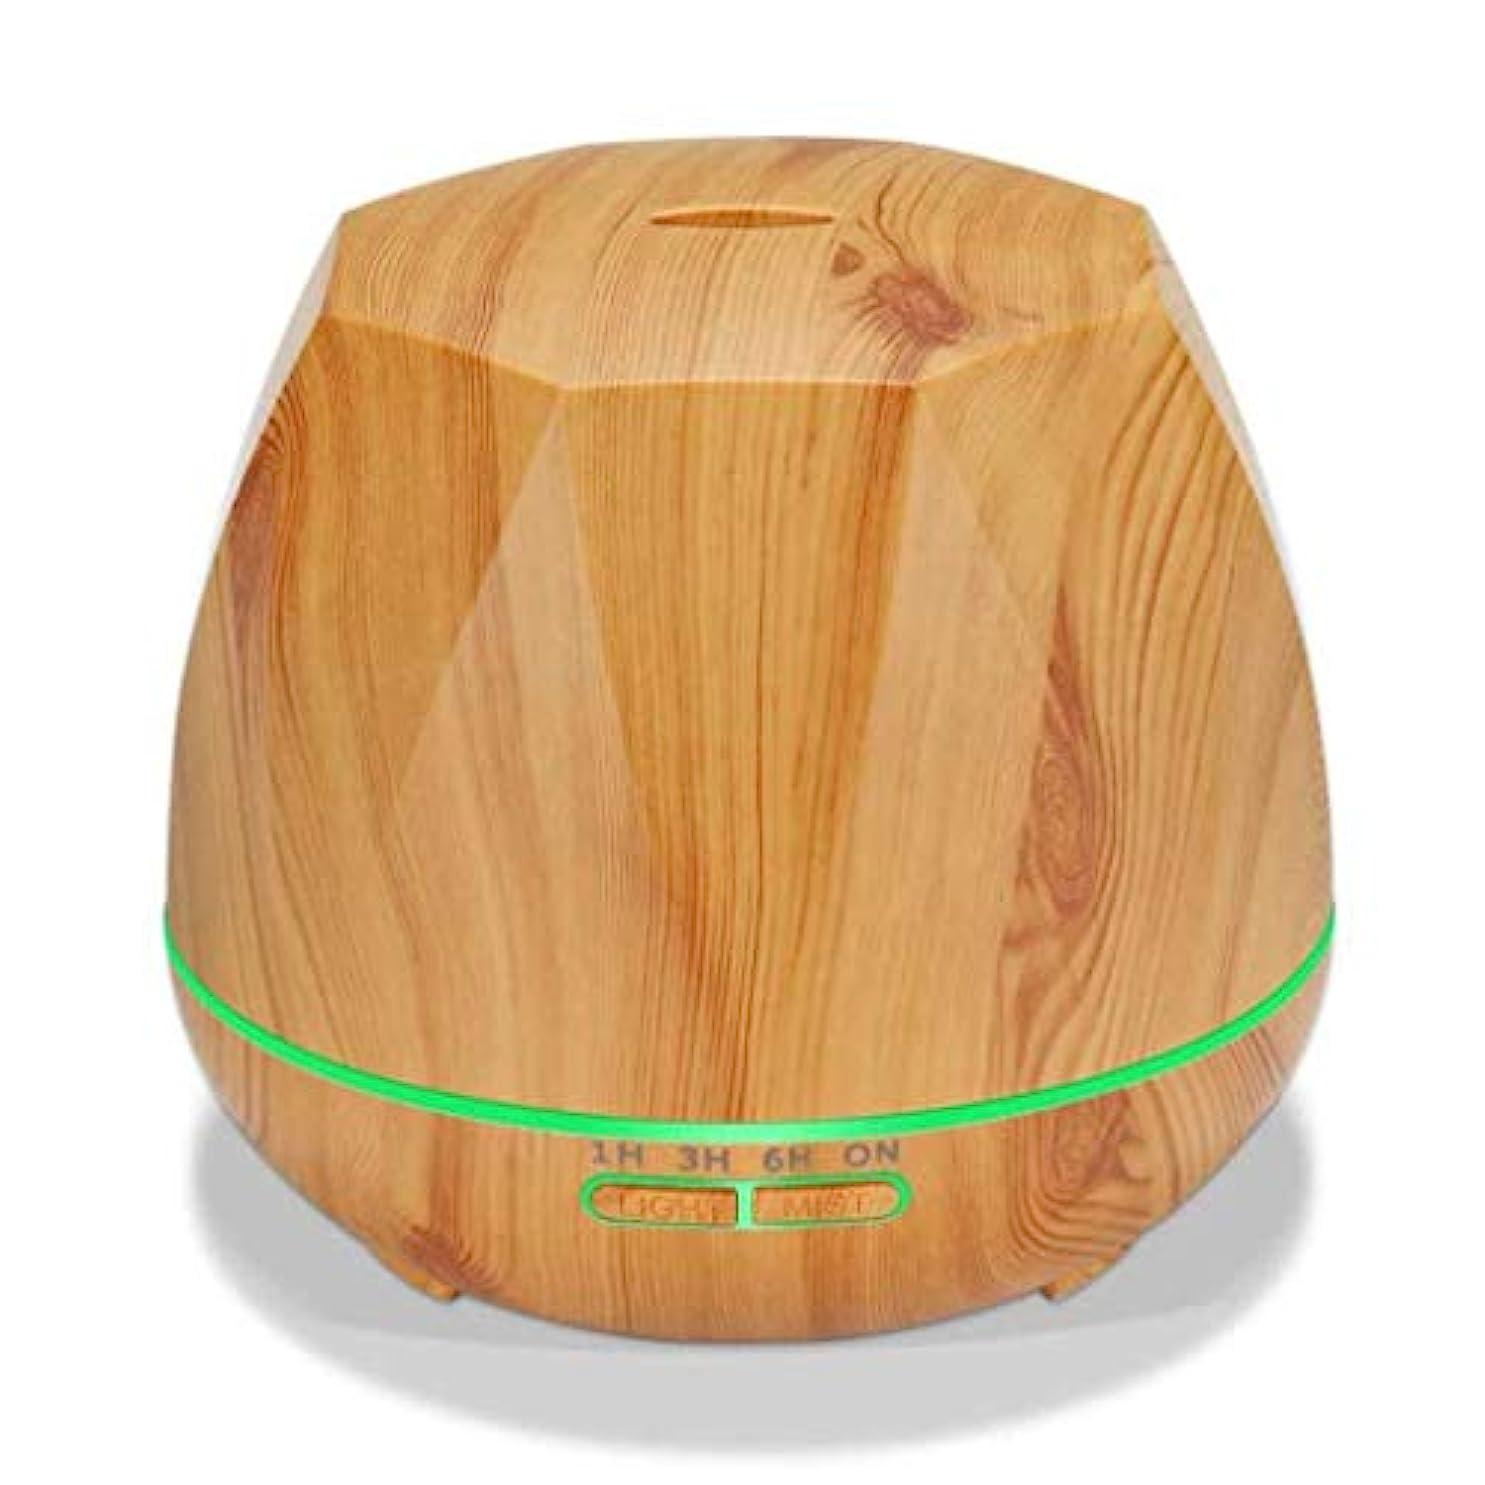 チーズベッドを作る嘆くクールミスト空気加湿器、カラーLEDライト付き交換用超音波、ヨガ、オフィス、スパ、寝室、ベビールーム - 木目調 (Color : Light wood grain)